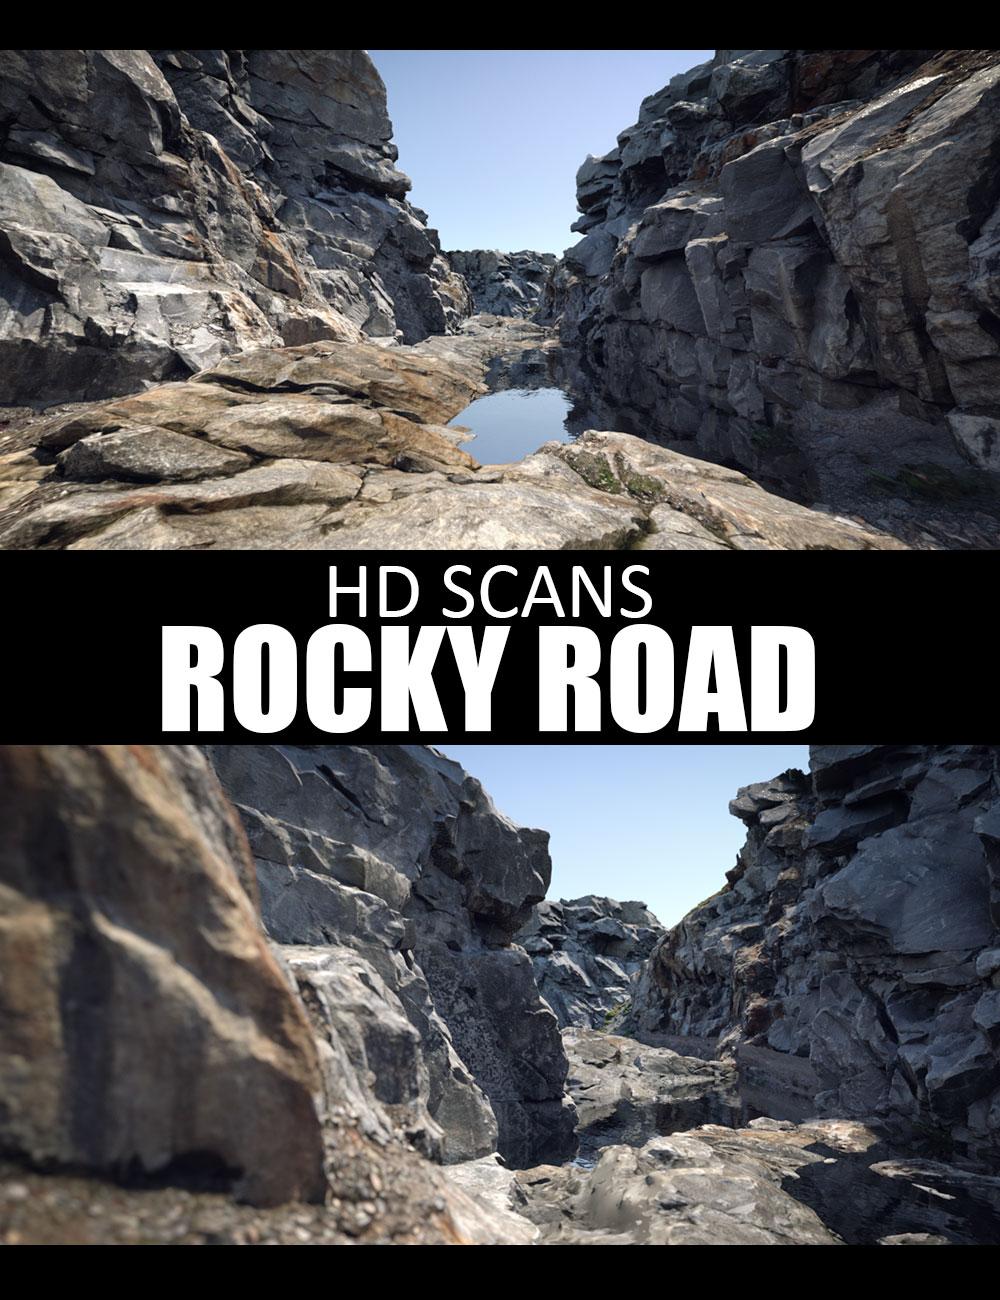 HD Scans Rocky Path by: Dreamlight, 3D Models by Daz 3D